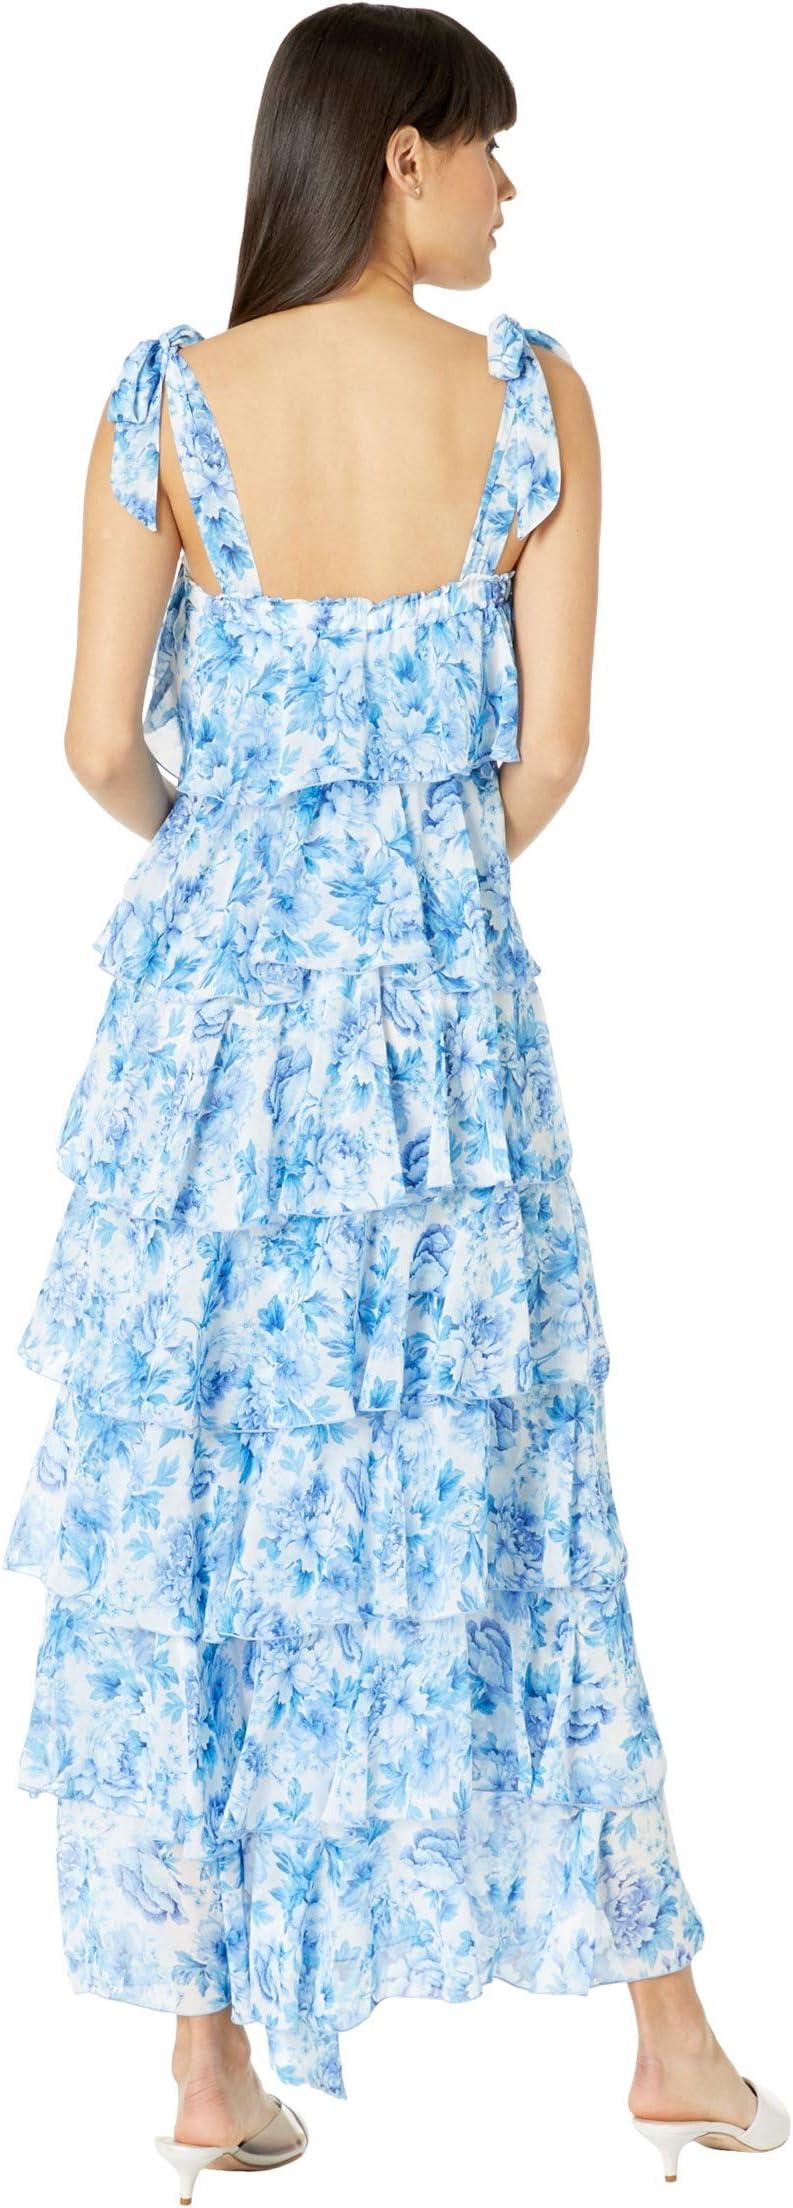 Show Me Your Mumu The Best Dress op6y6T